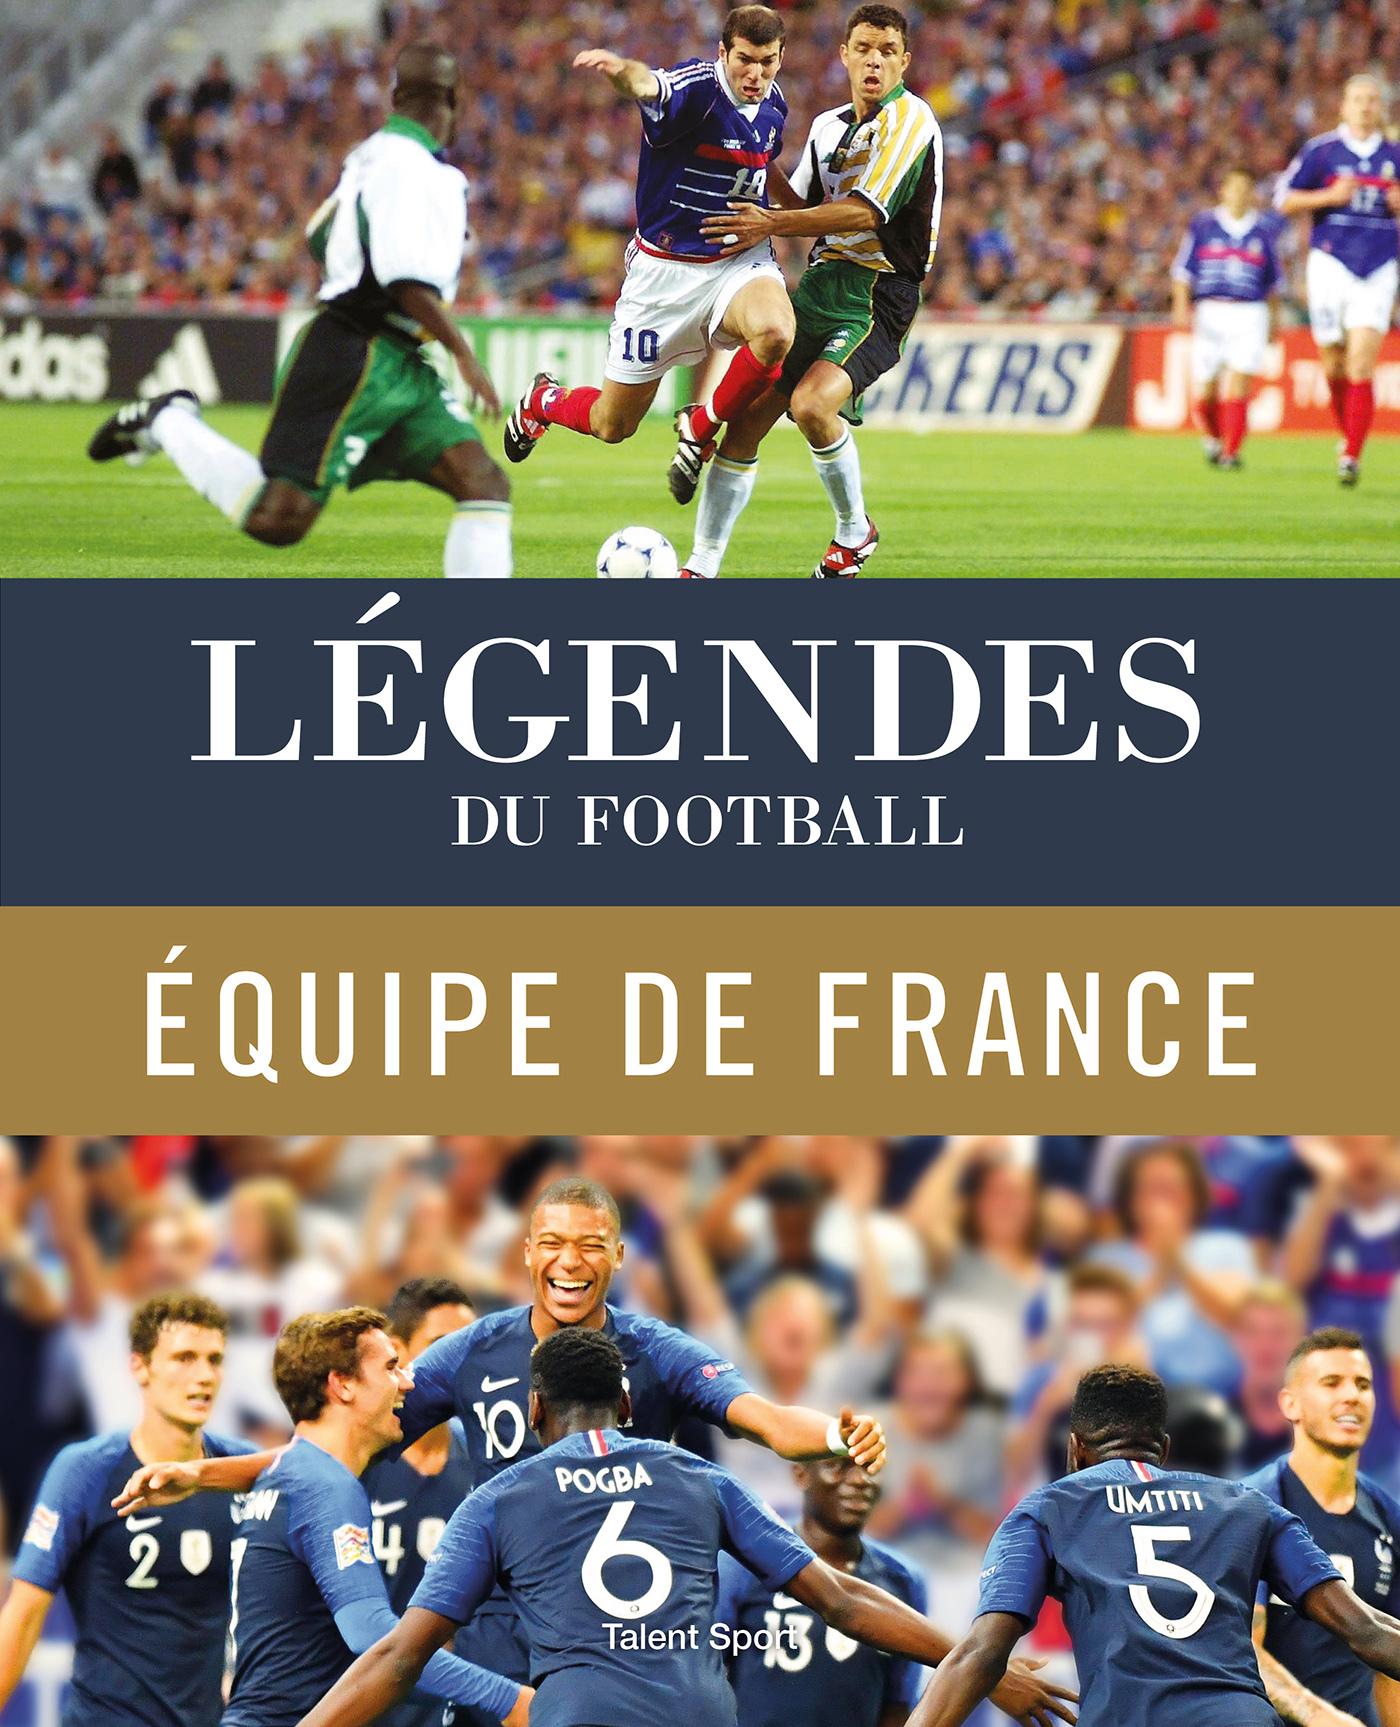 LEGENDES DU FOOTBALL - EQUIPE DE FRANCE